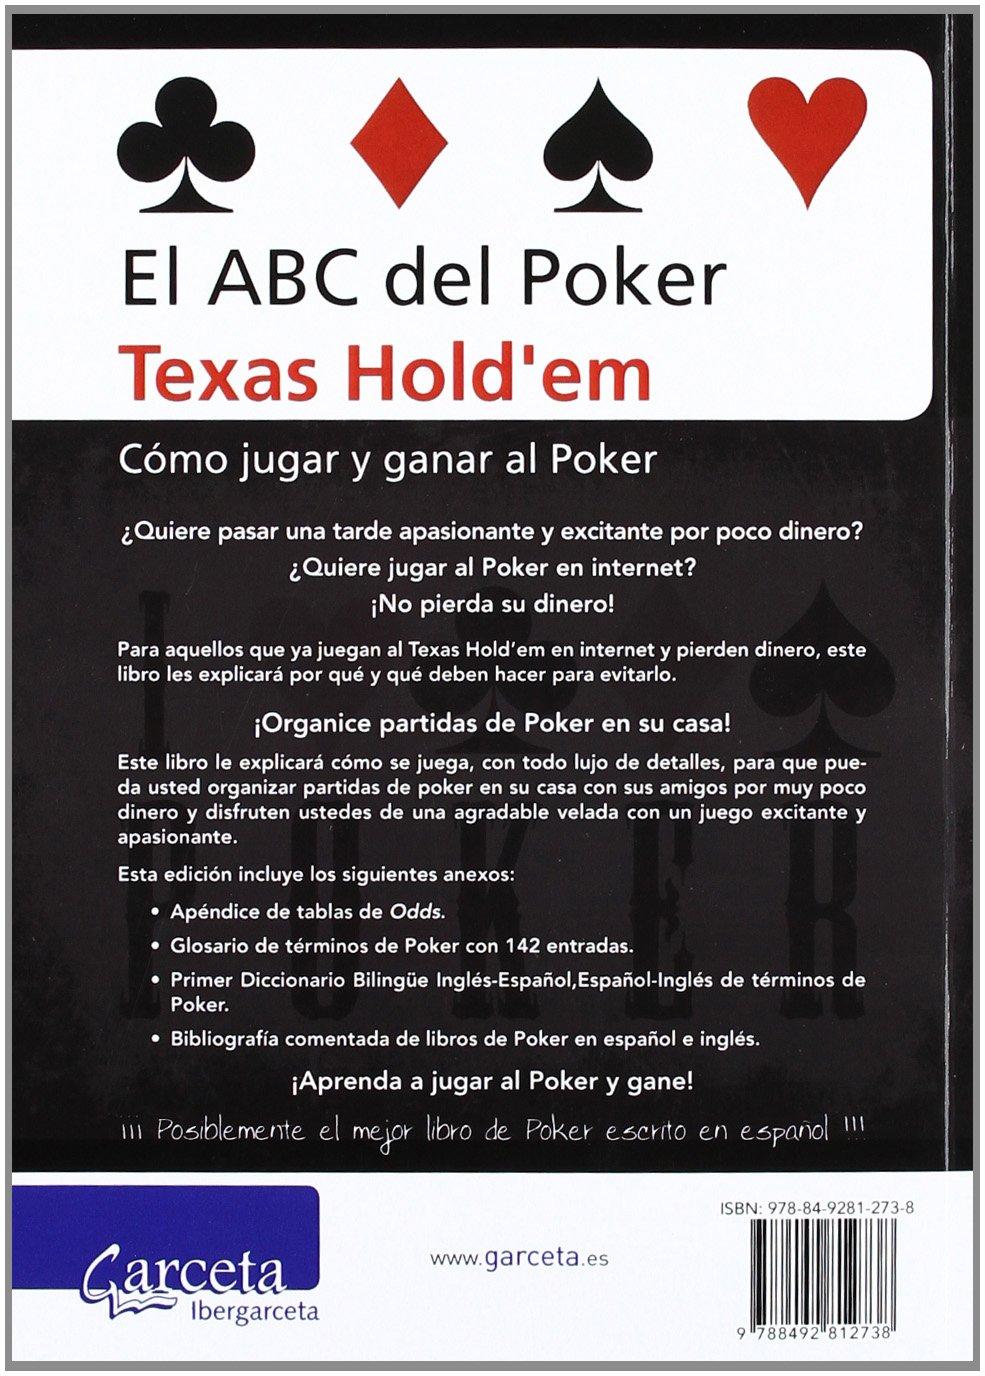 Gambling d2 guide